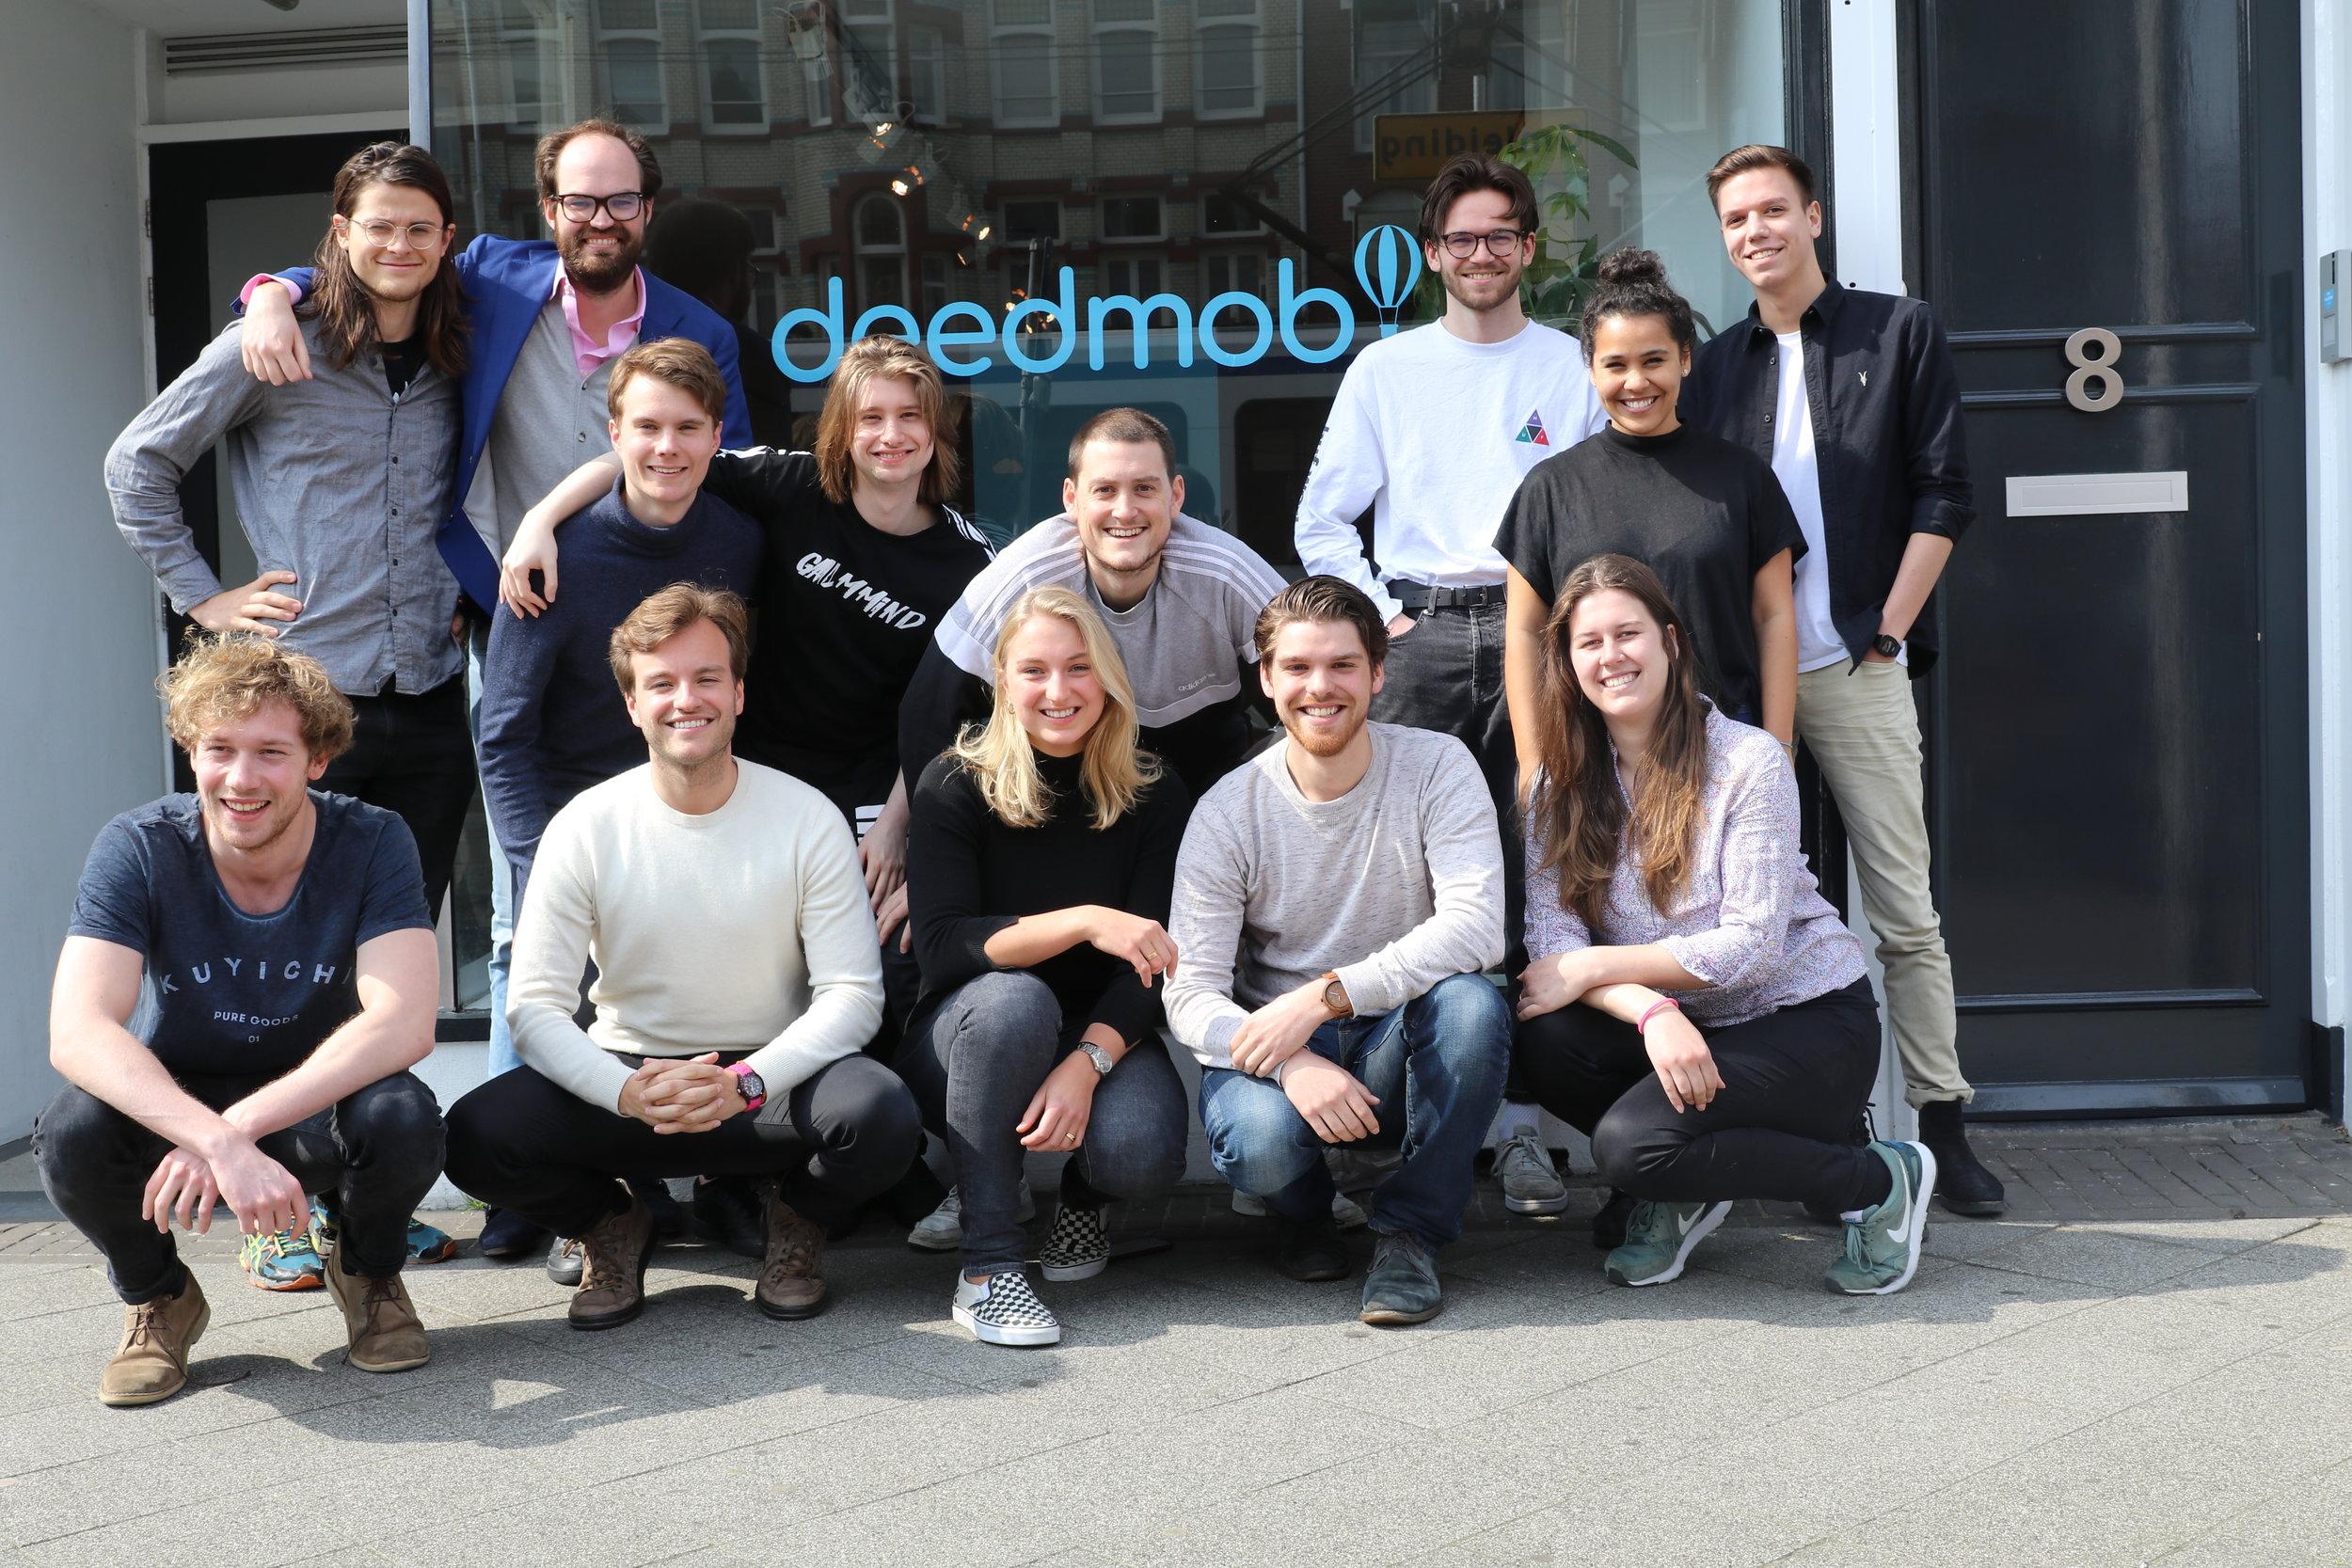 Deedmob Team